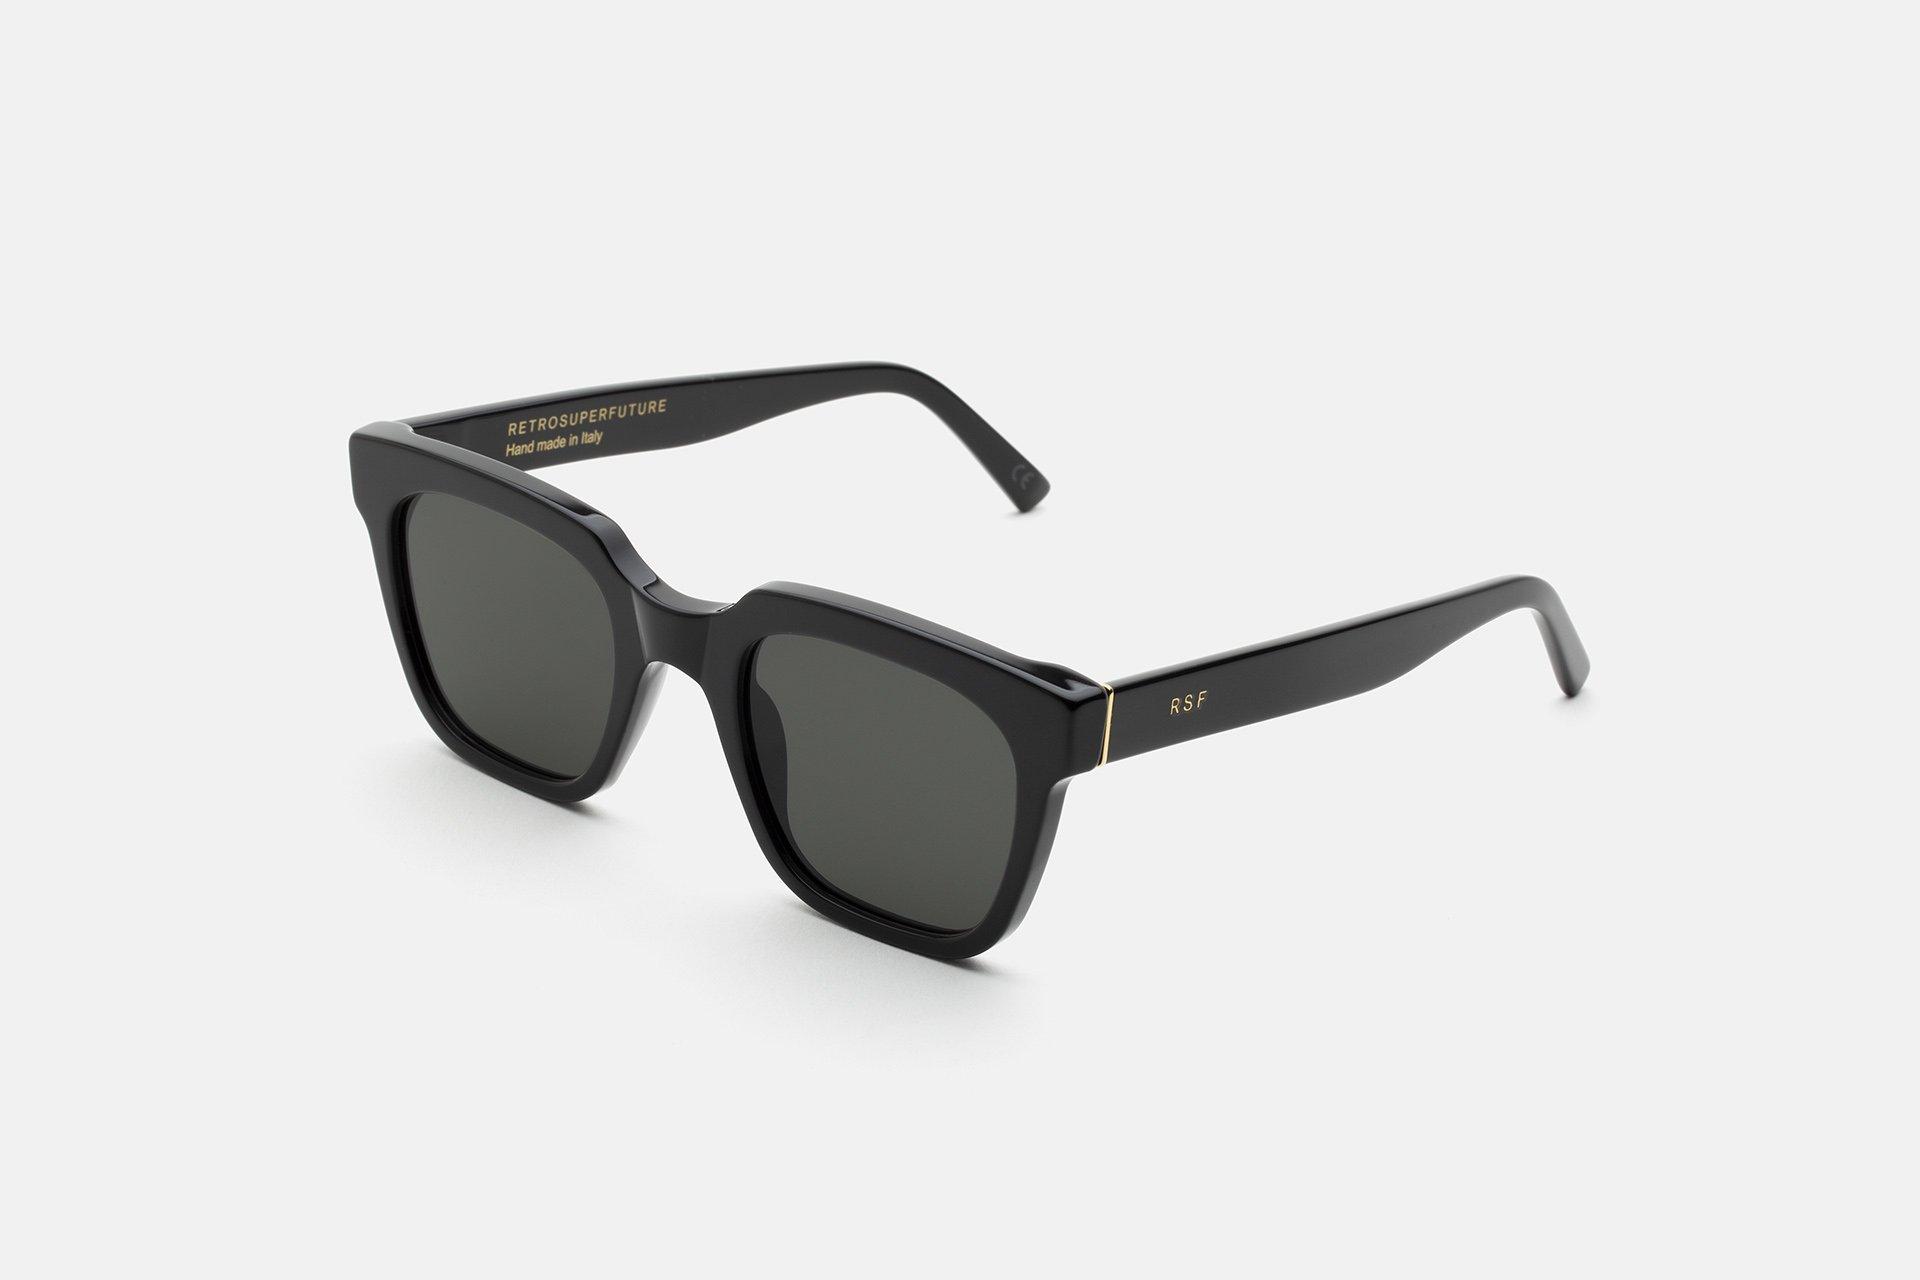 occhiale da sole super modello giusto colore black